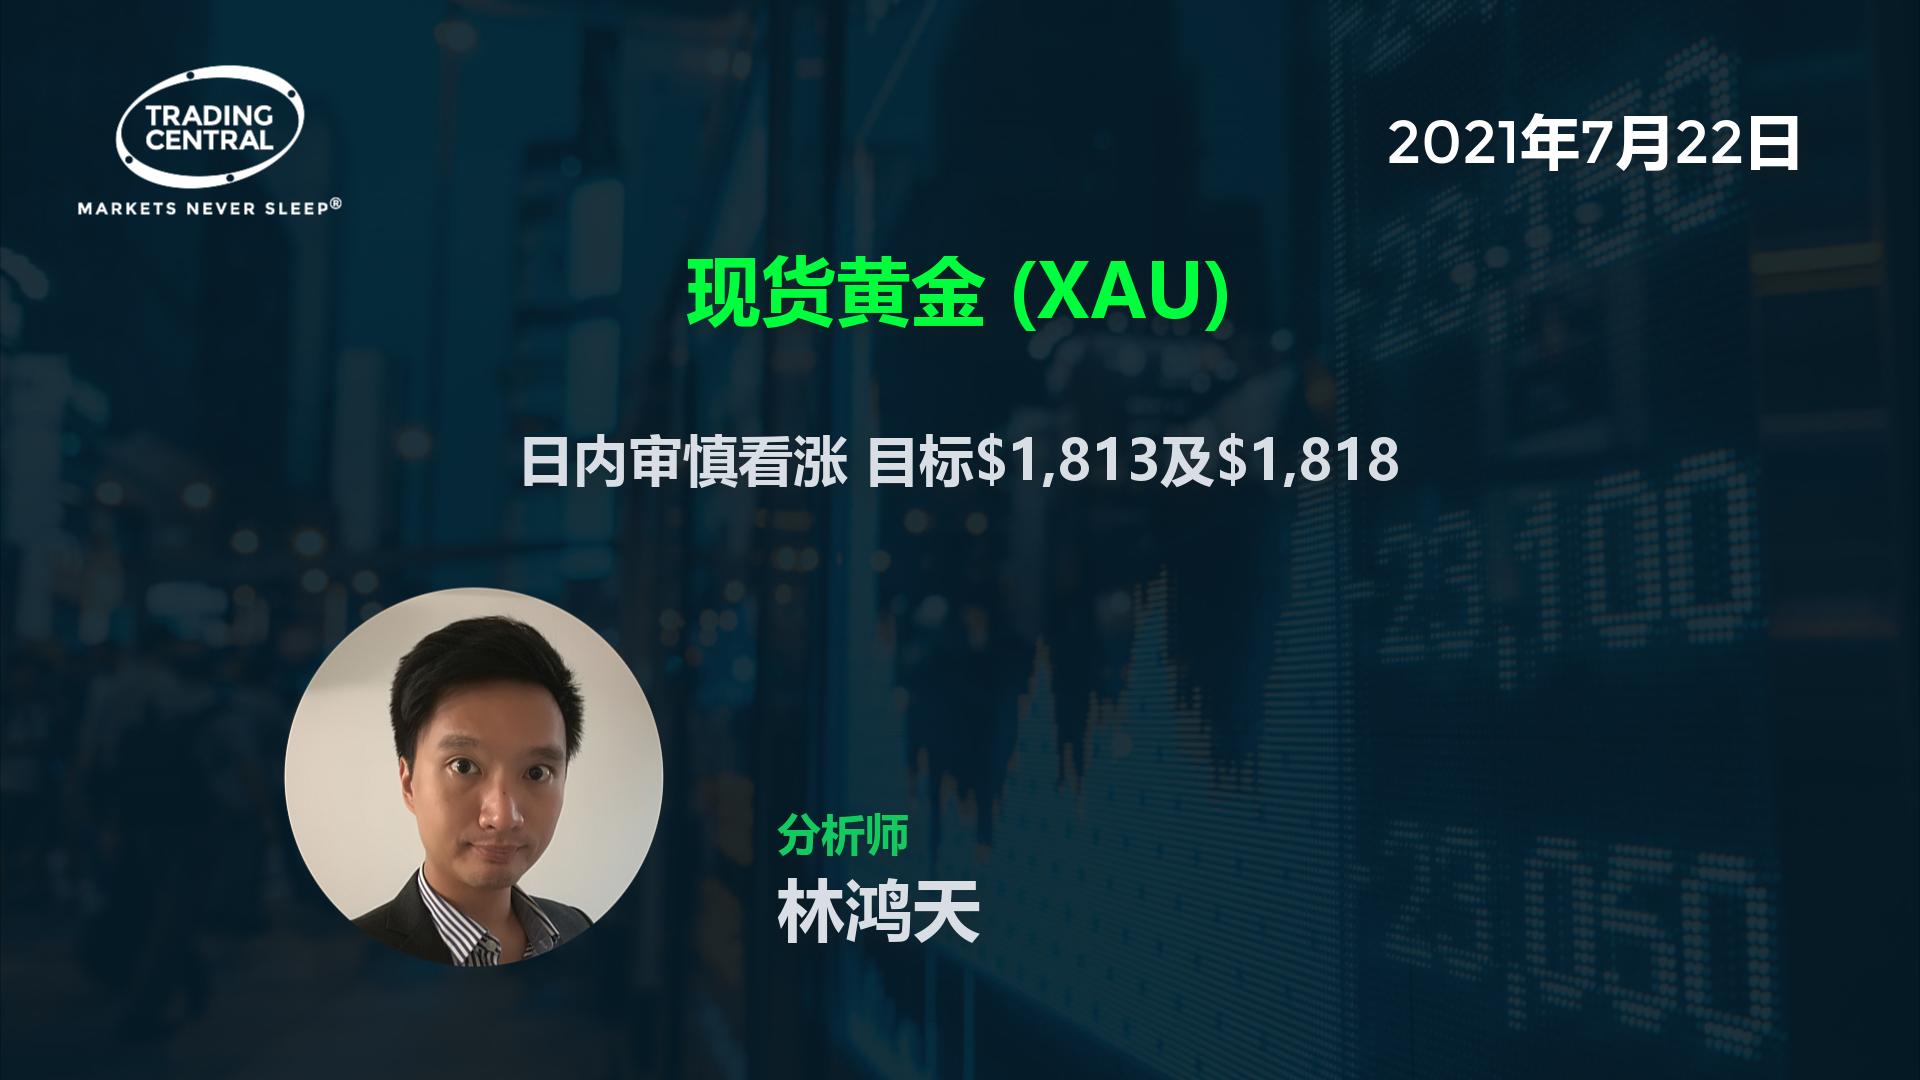 现货黄金 (XAU) - 日内审慎看涨 目标$1,813及$1,818